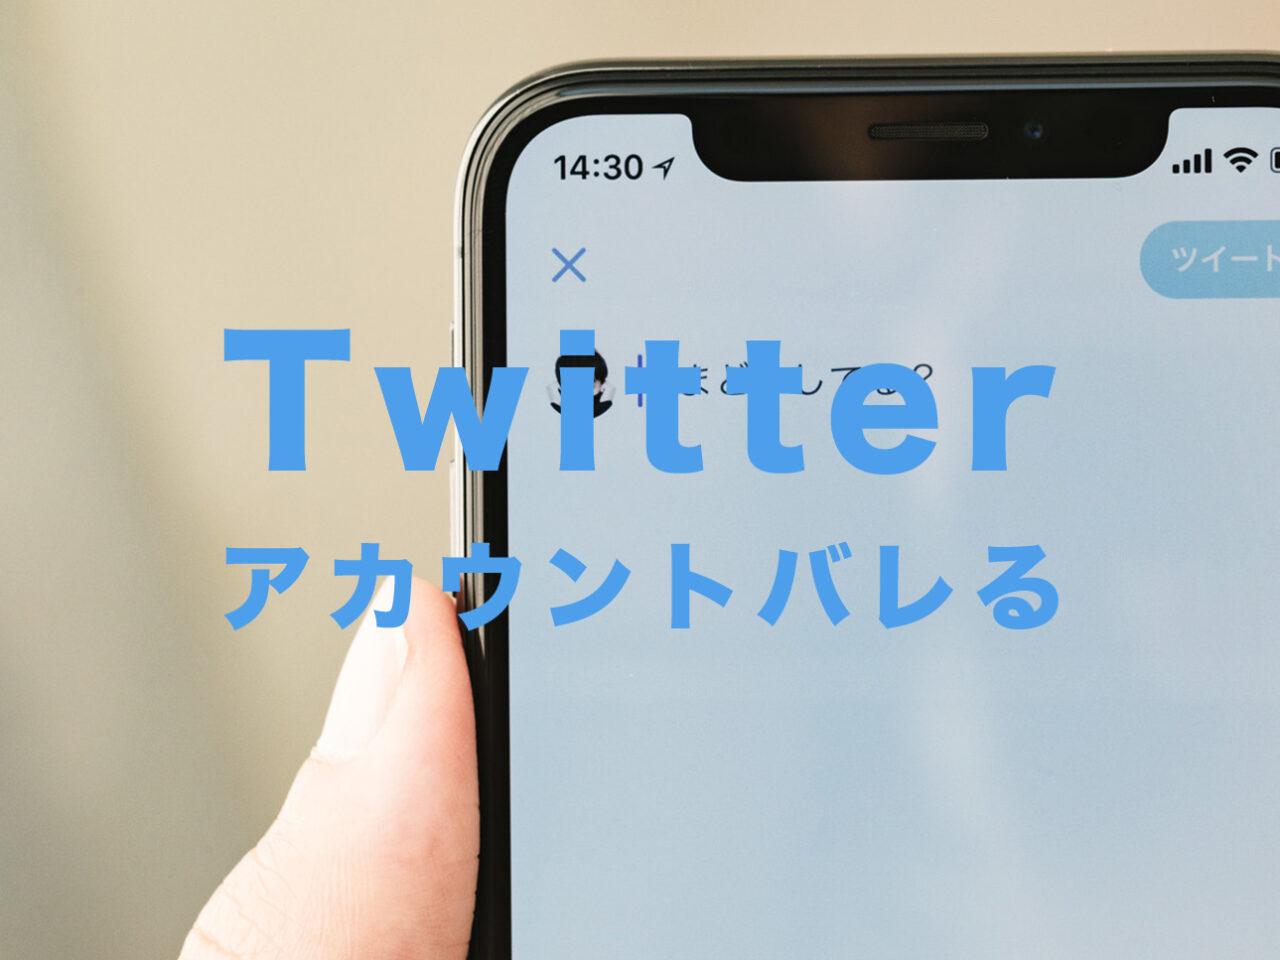 Twitter(ツイッター)で電話番号でアカウントがバレるのを防ぐには?完全非公開にするには?のサムネイル画像